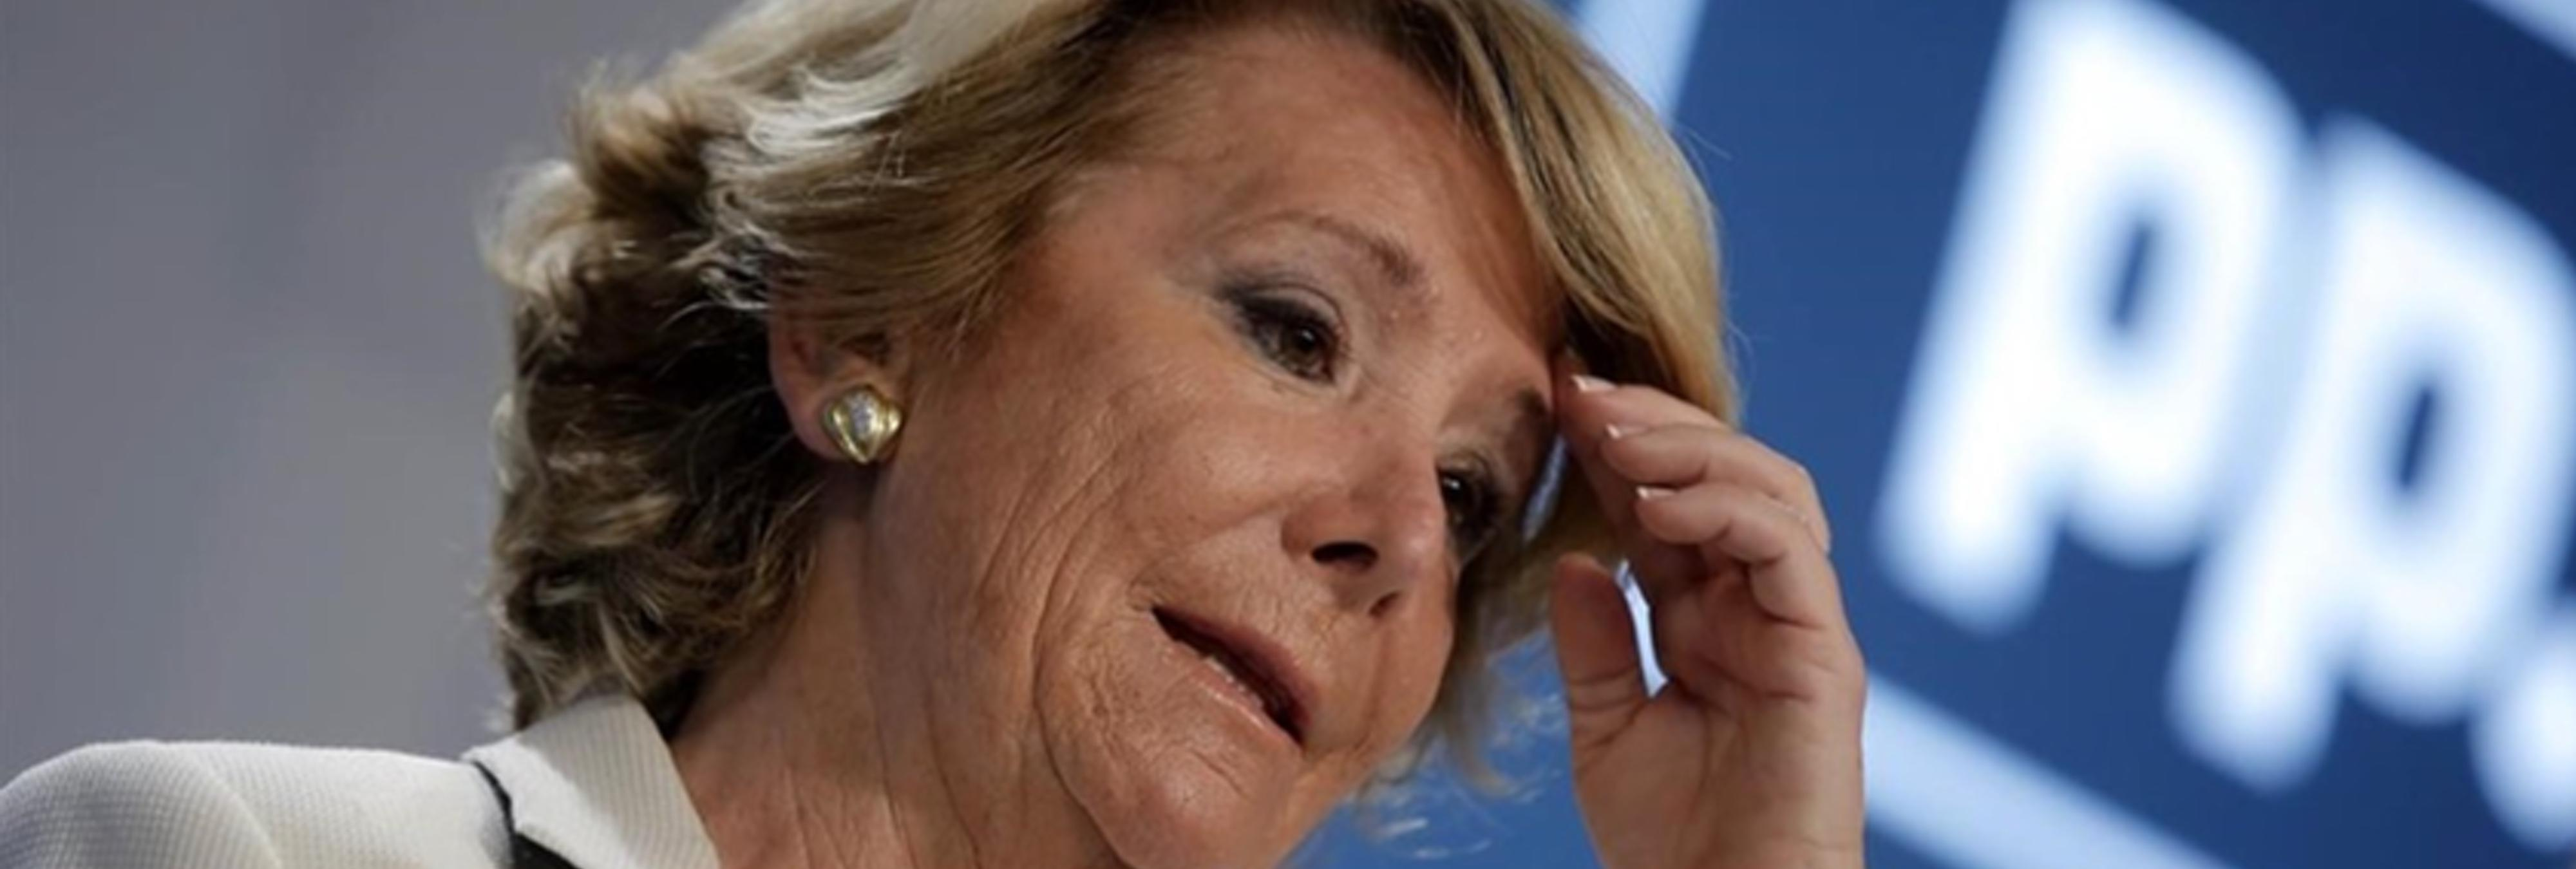 La Guardia Civil investiga un viaje de Esperanza Aguirre a Suiza con la mujer de González